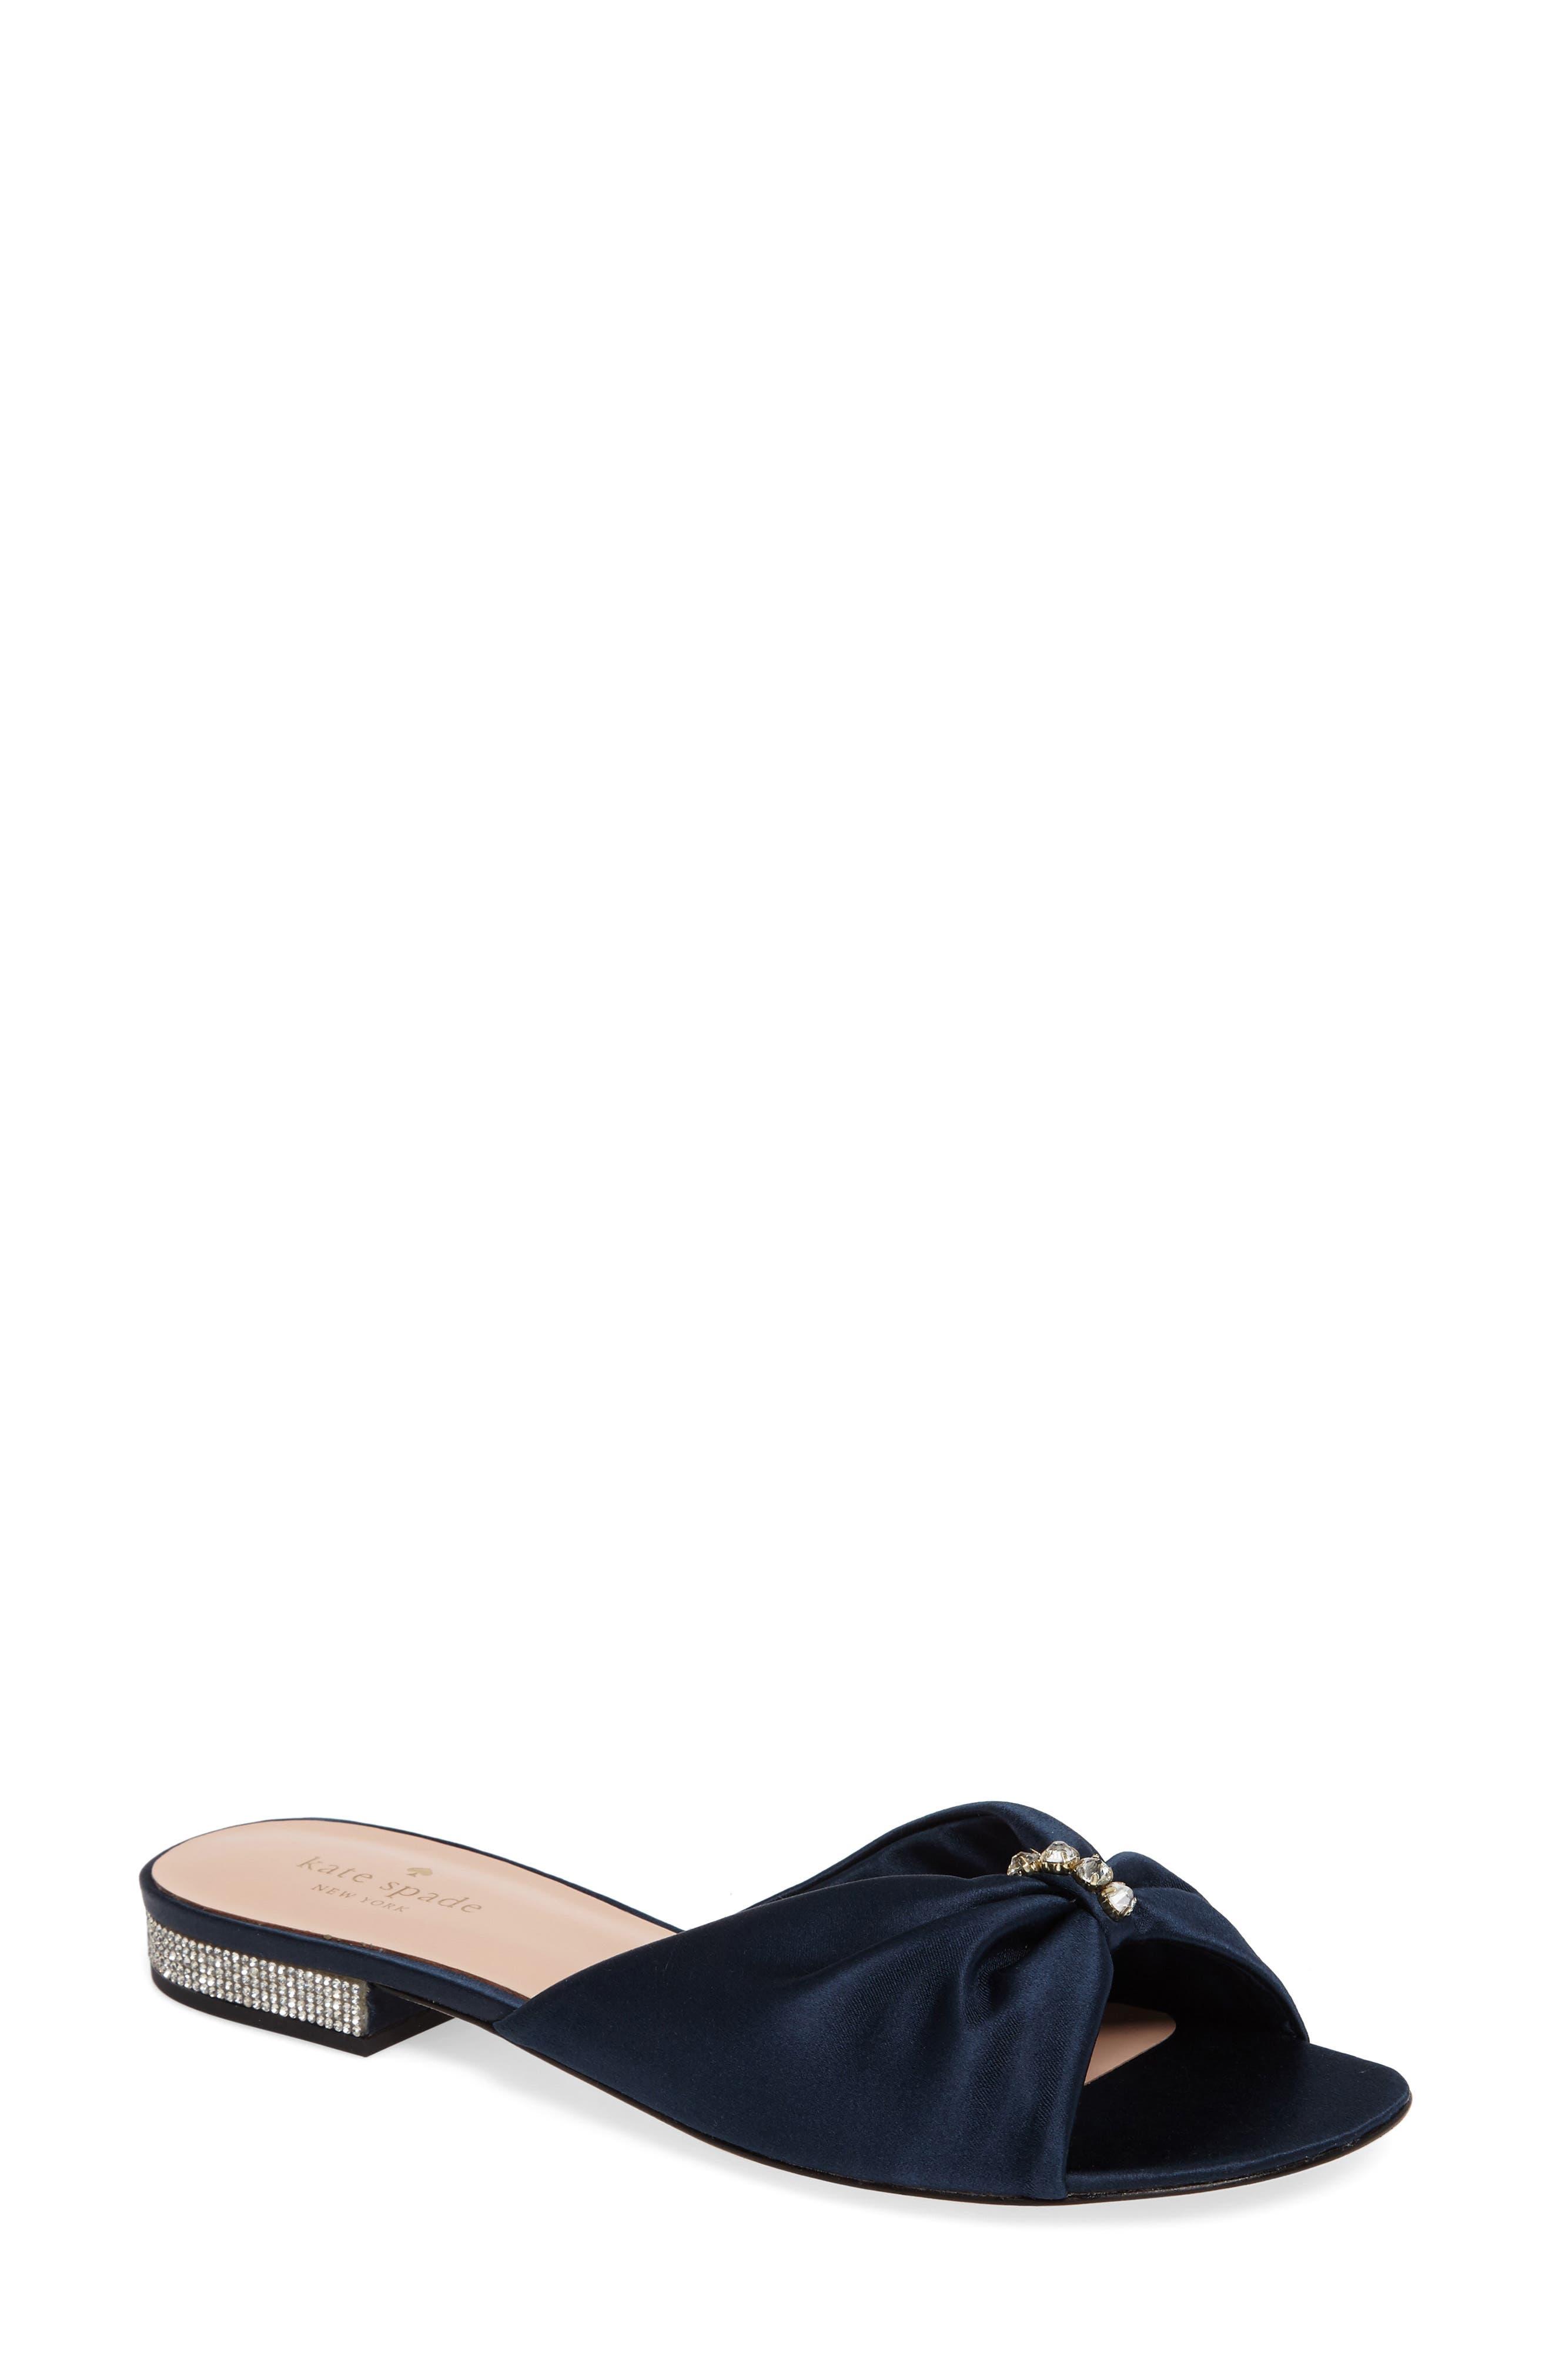 fenton slide sandal,                             Main thumbnail 1, color,                             475